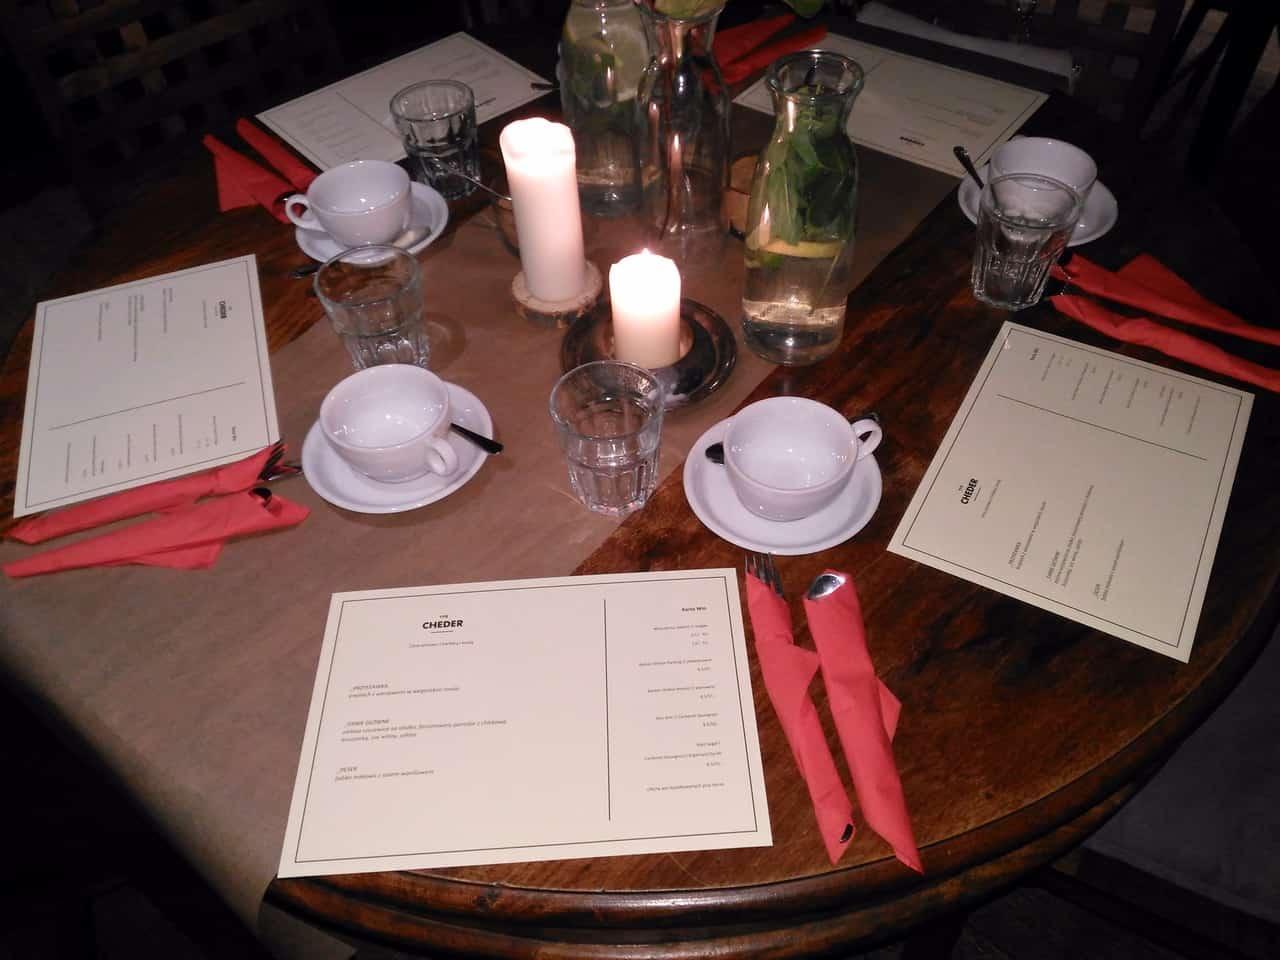 Nakryty do szabatowej kolacji stół w kawiarni Cheder.